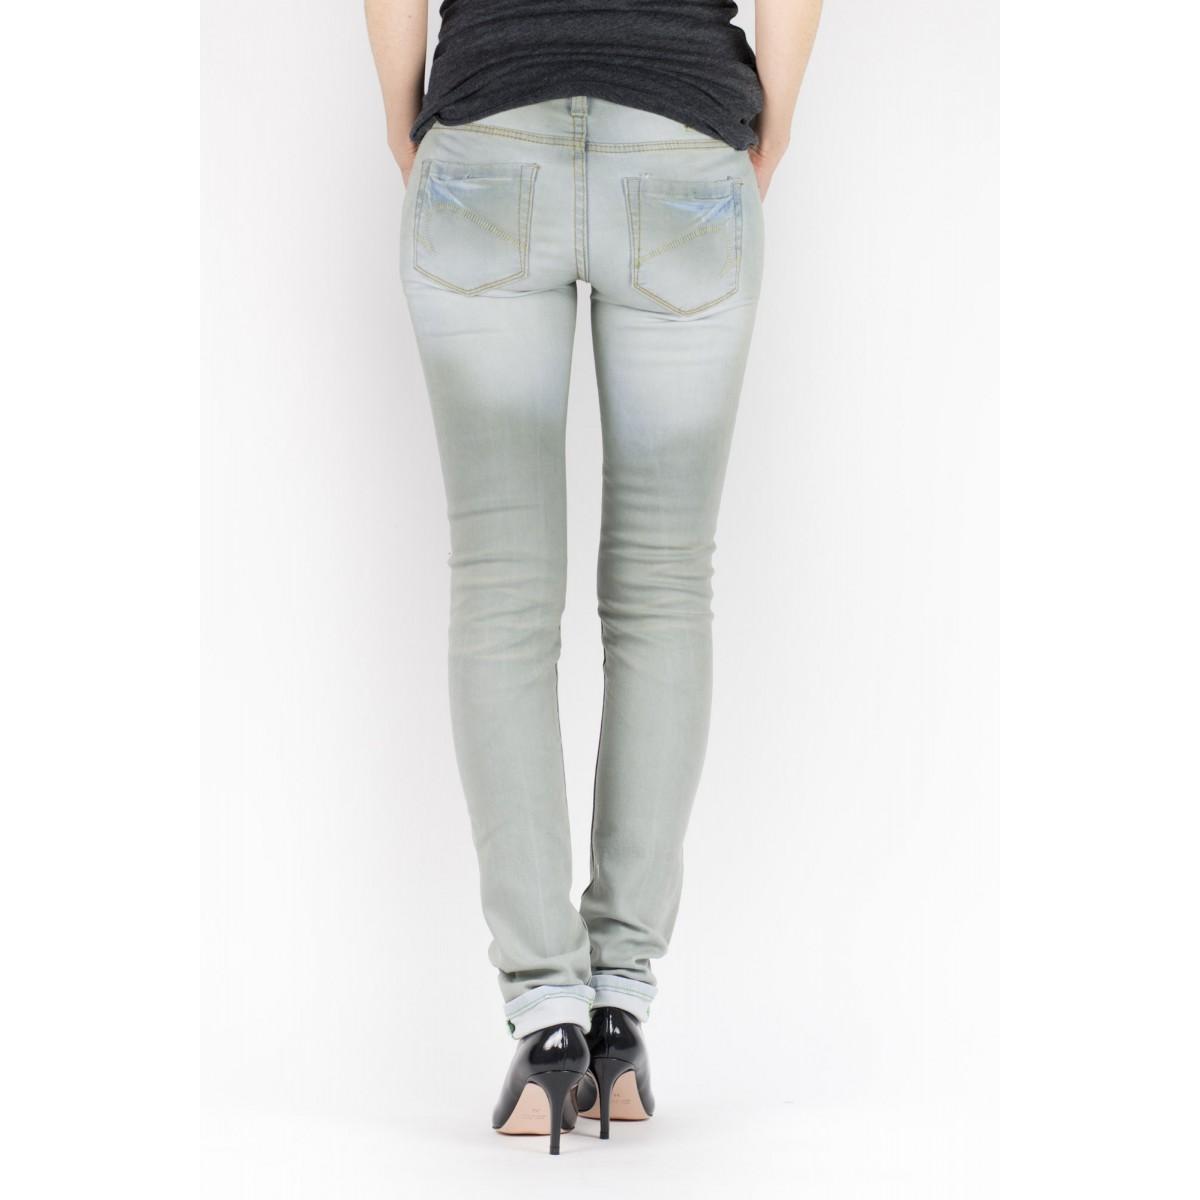 Jeans One Green Elephant Woman - Kosai  2369